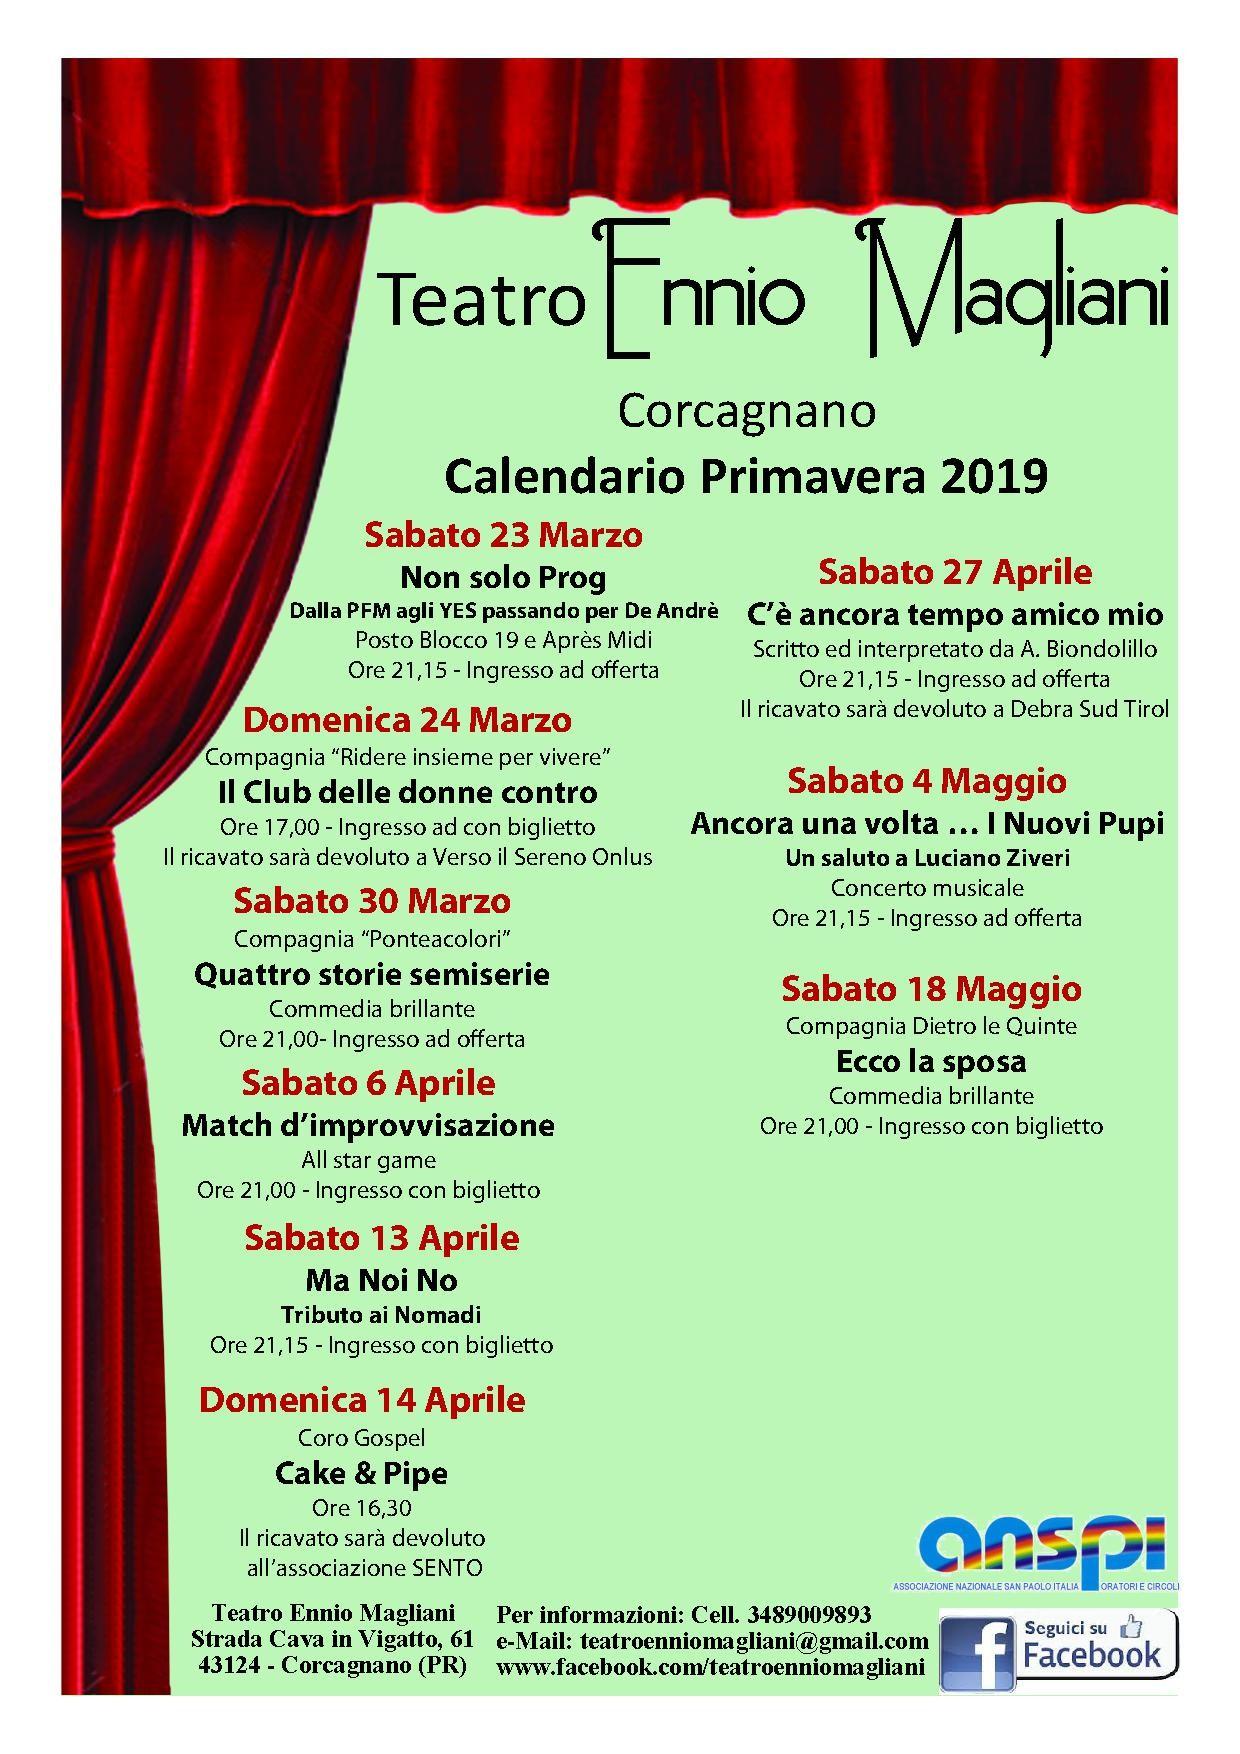 Stagione primaverile del  Teatro Ennio Magliani